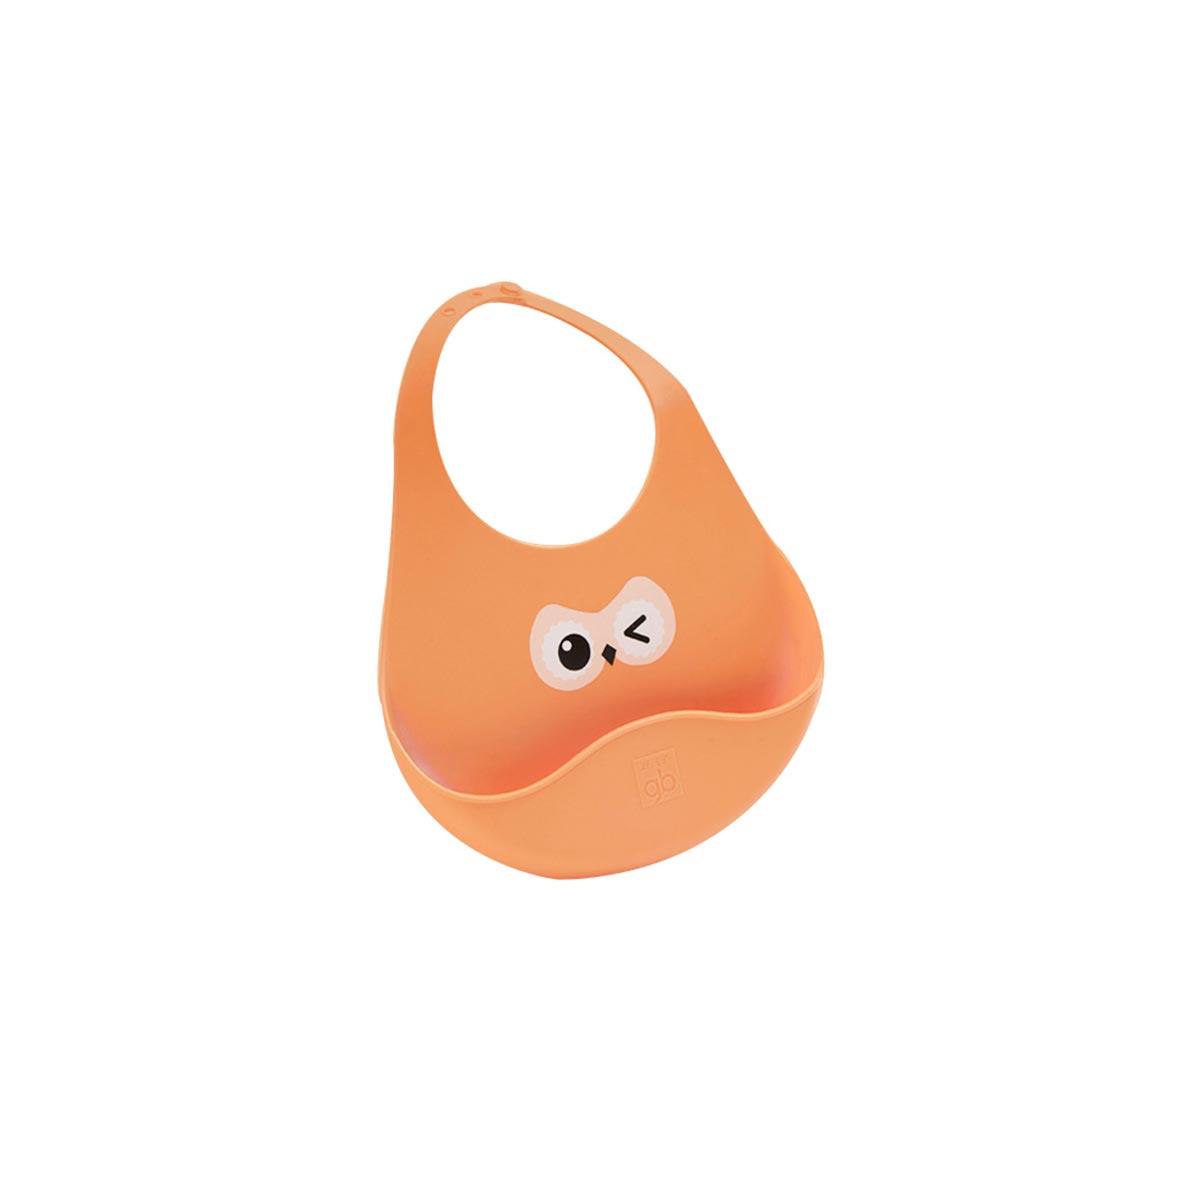 GoodBaby好孩子 婴儿硅胶围兜 阳光橙